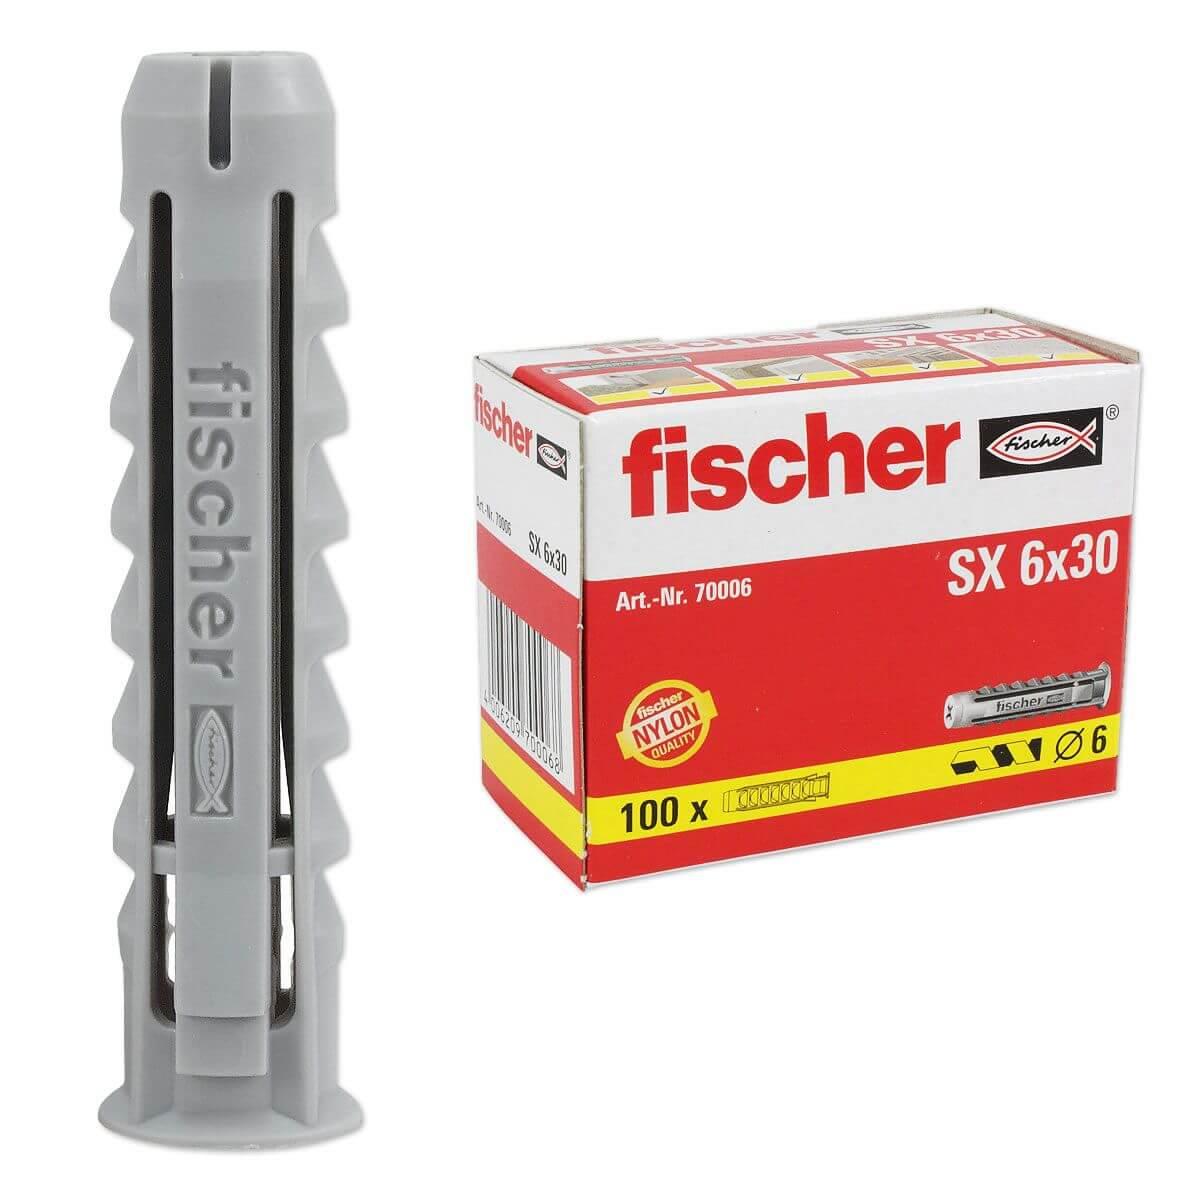 Fischer Sx Dübel : 100 stk fischer d bel sx 6 x 30 70006 installation ~ Buech-reservation.com Haus und Dekorationen